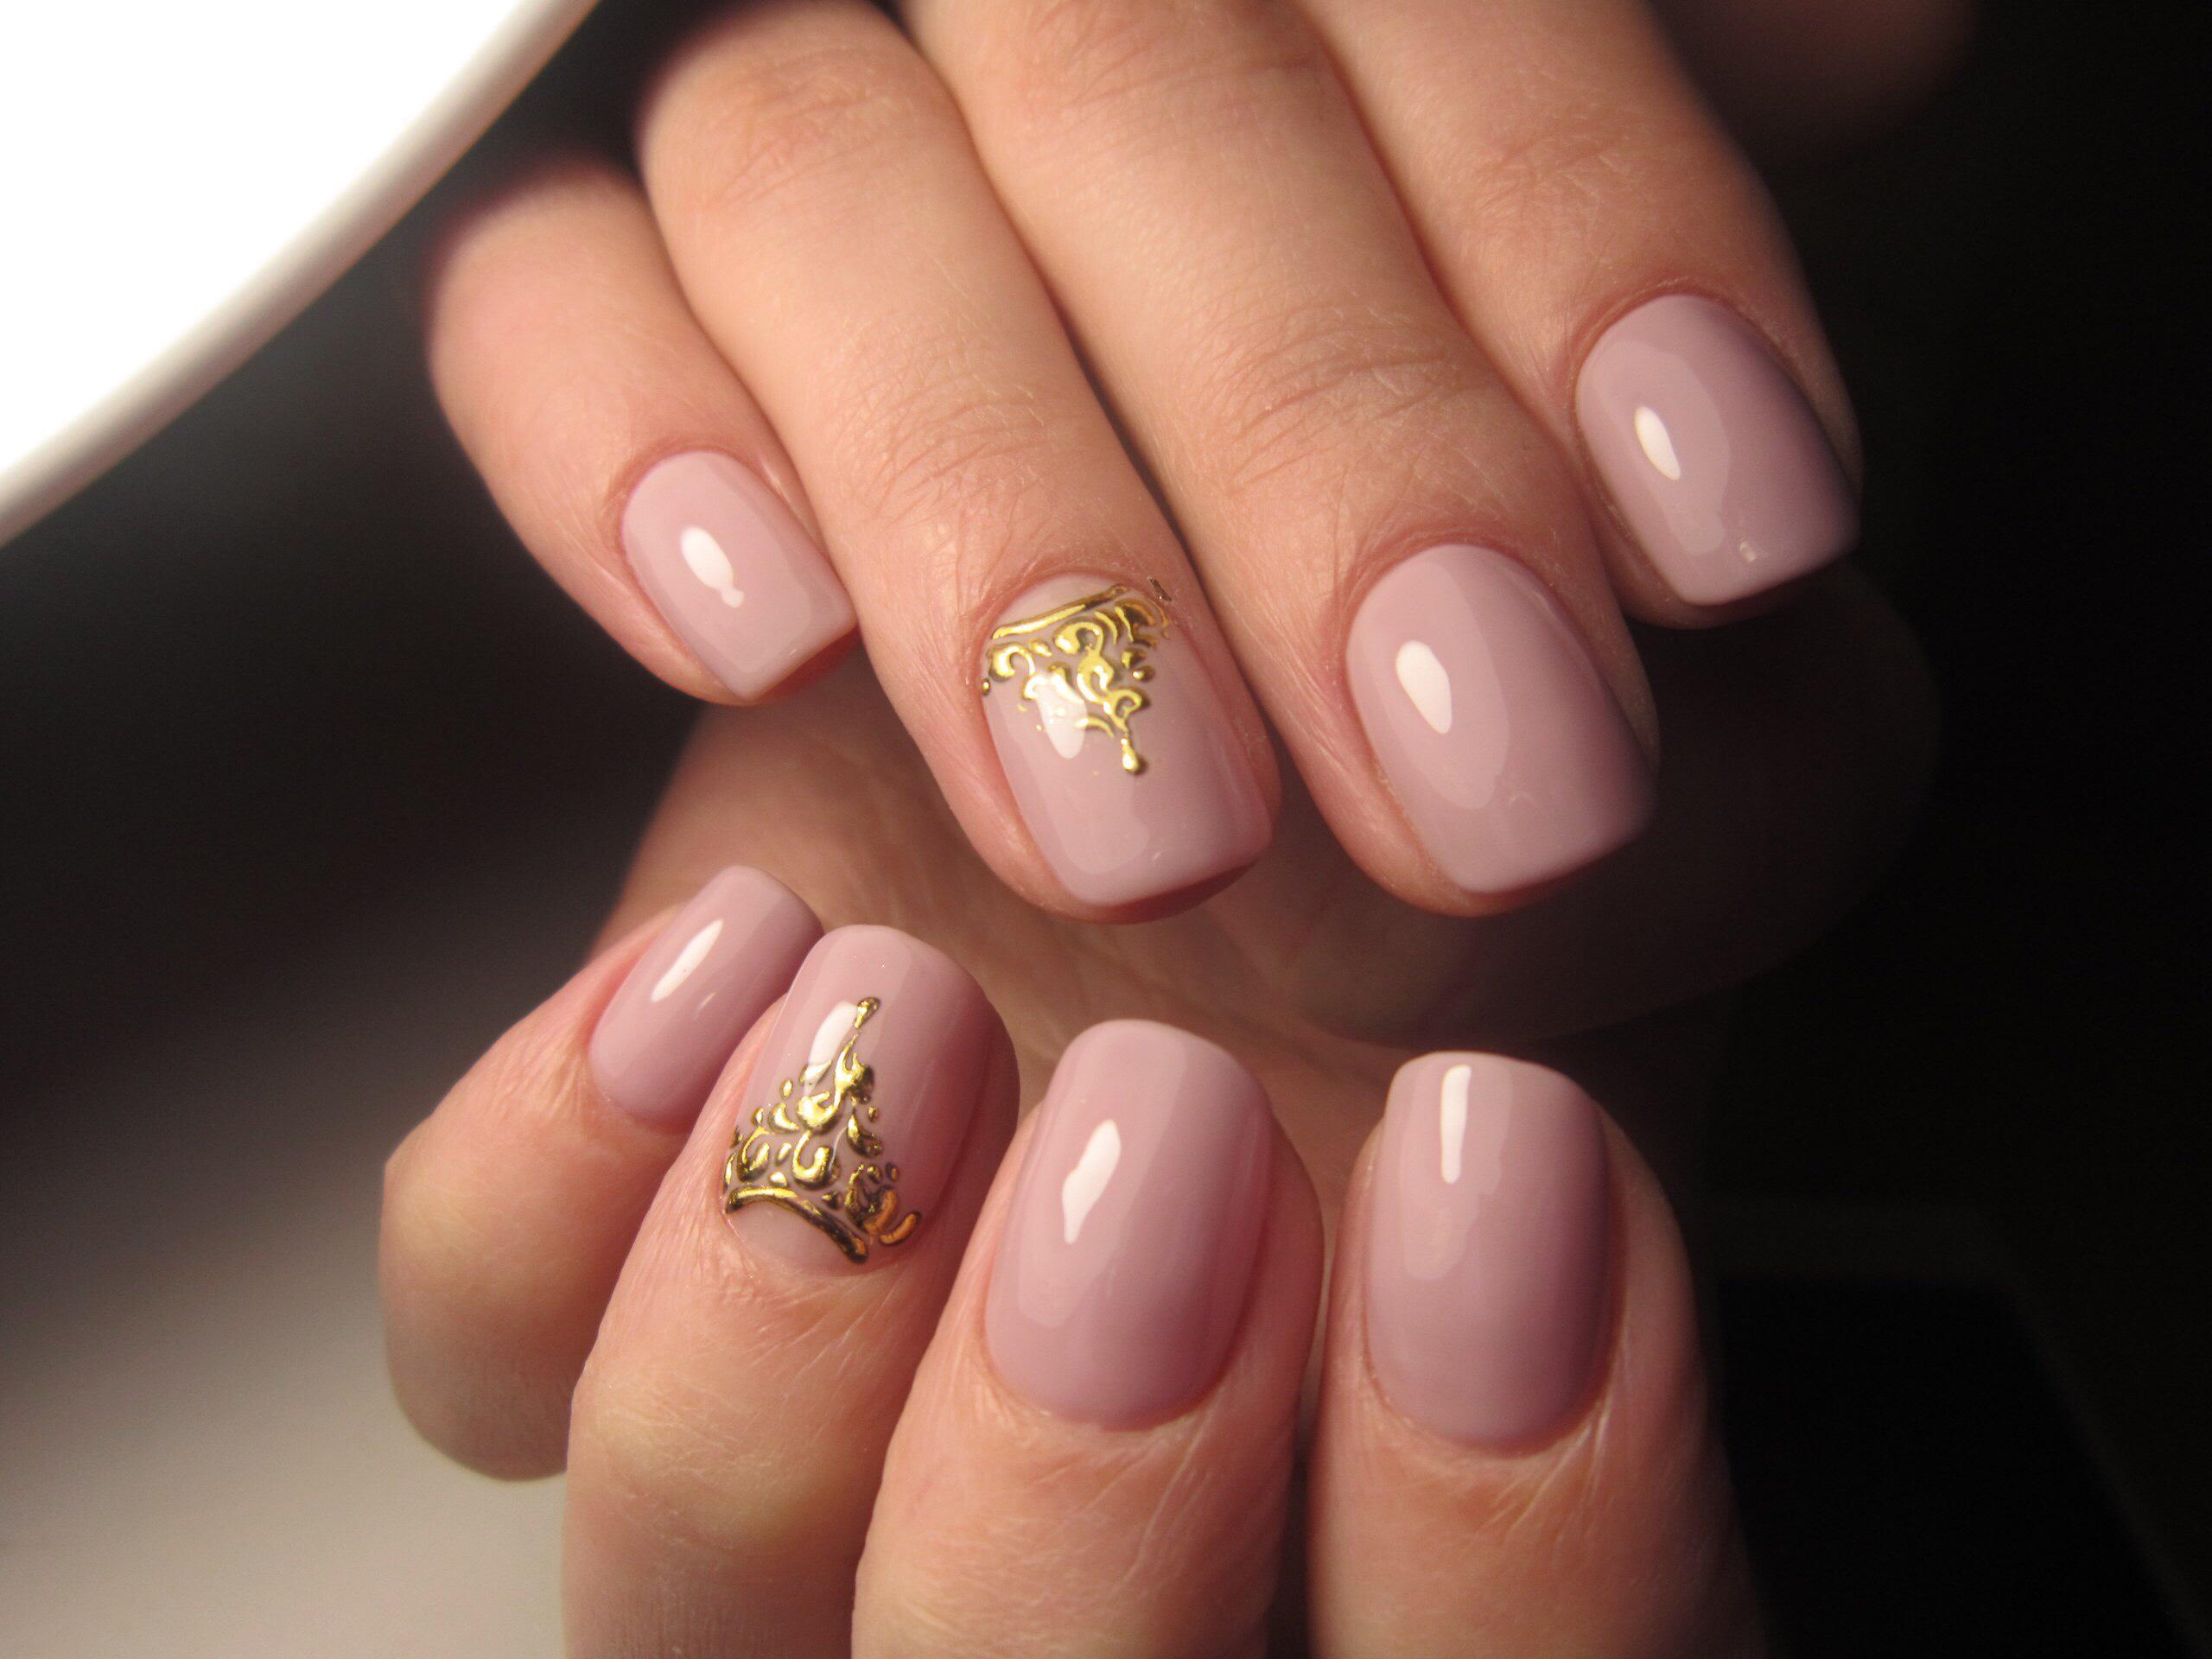 Ногти гель лак дизайн 2017 светлые